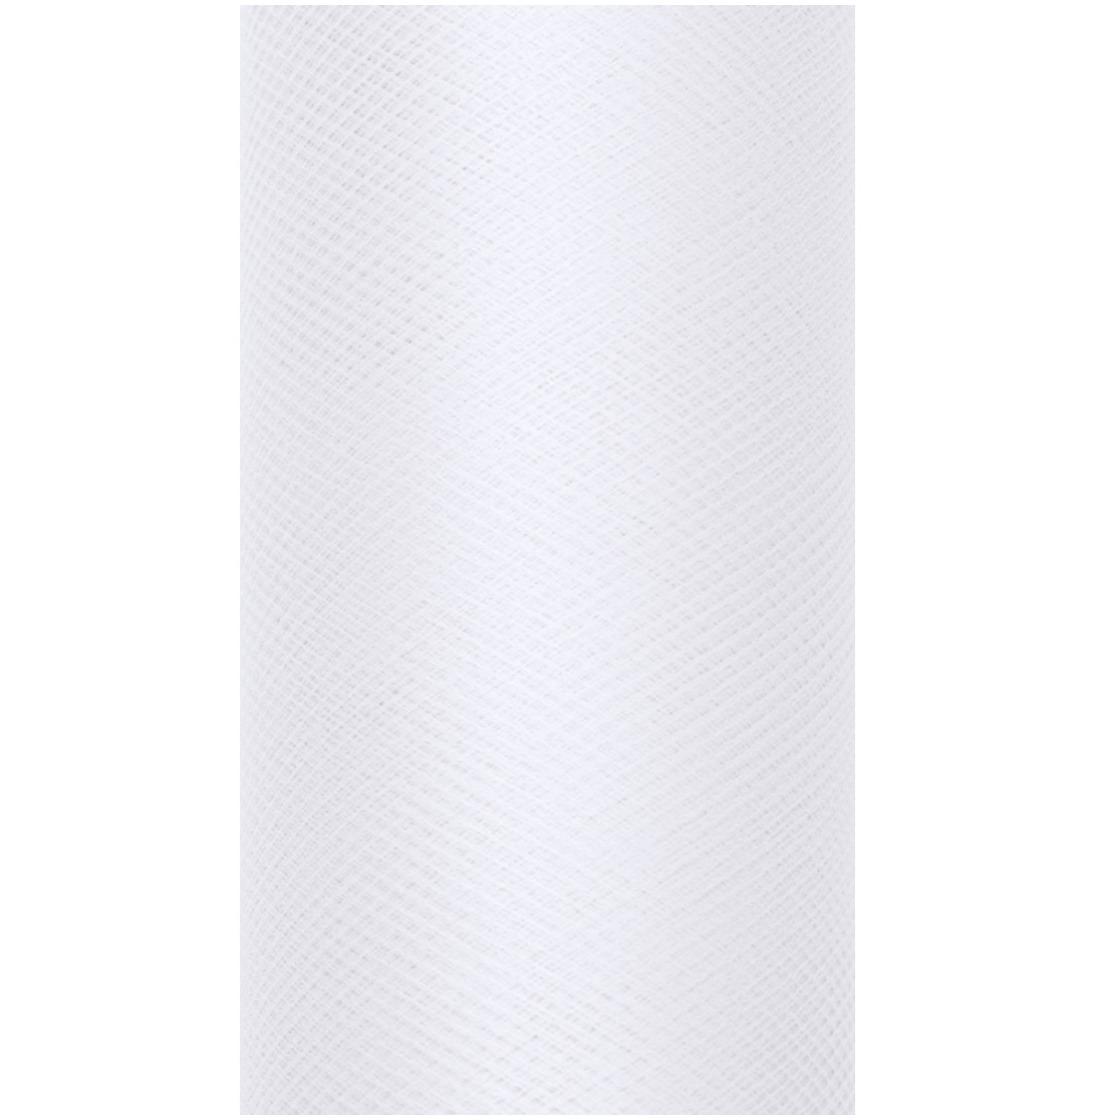 1x Hobby/decoratie witte tule stof op rol 15 cm x 9 meter